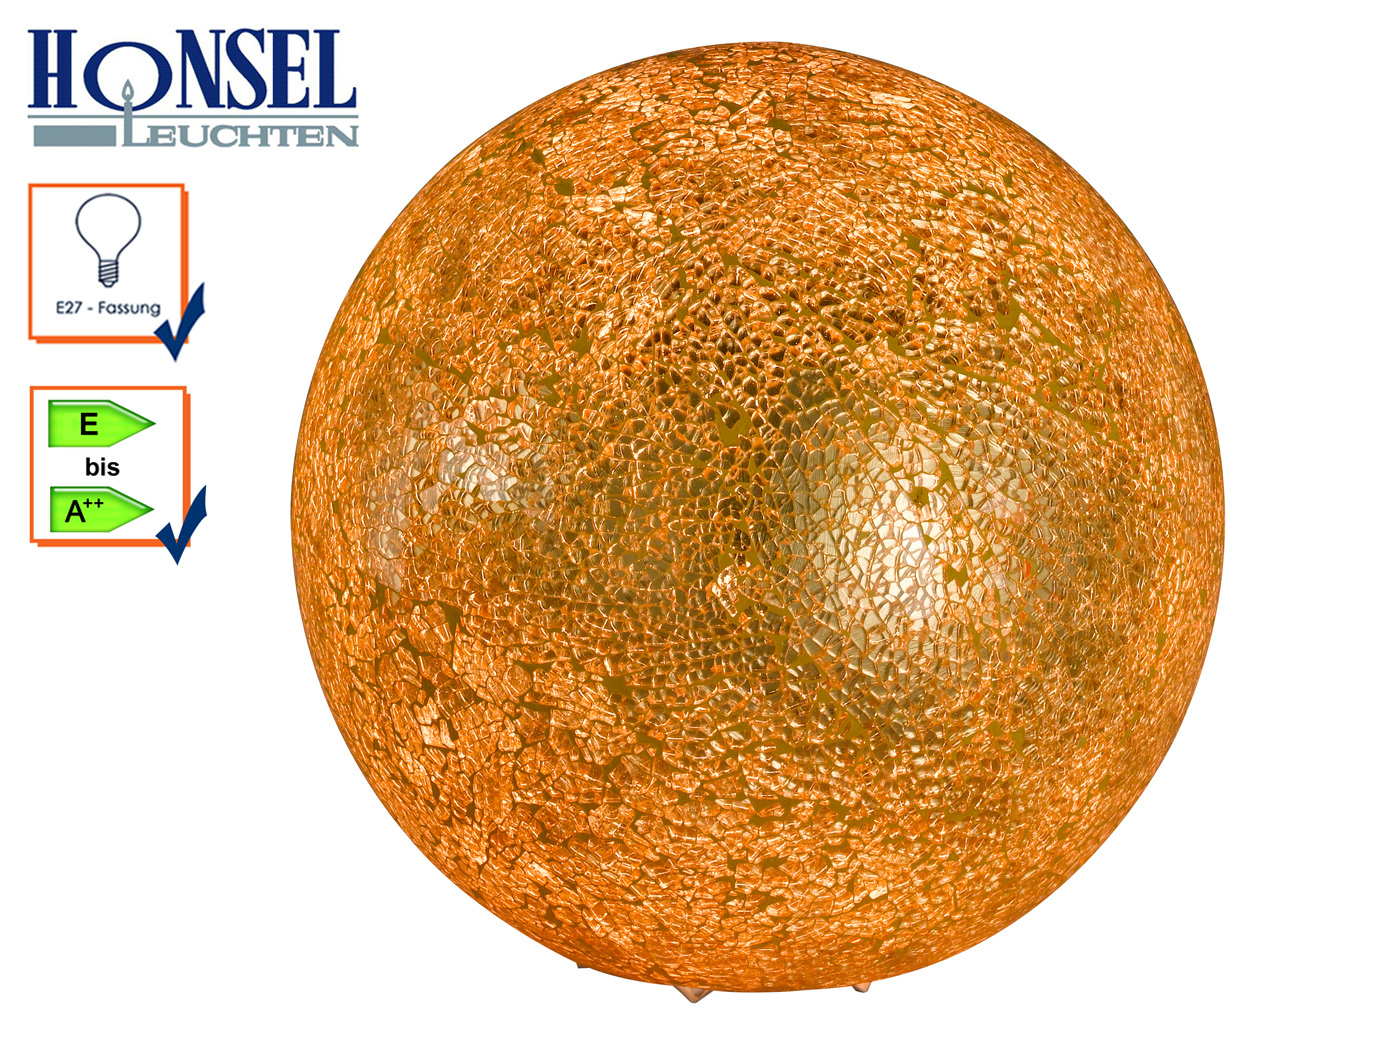 Kugel Tischlampe 25 cm Design Goldfarbig craquele, Flurlampe Wohnzimmerlampe